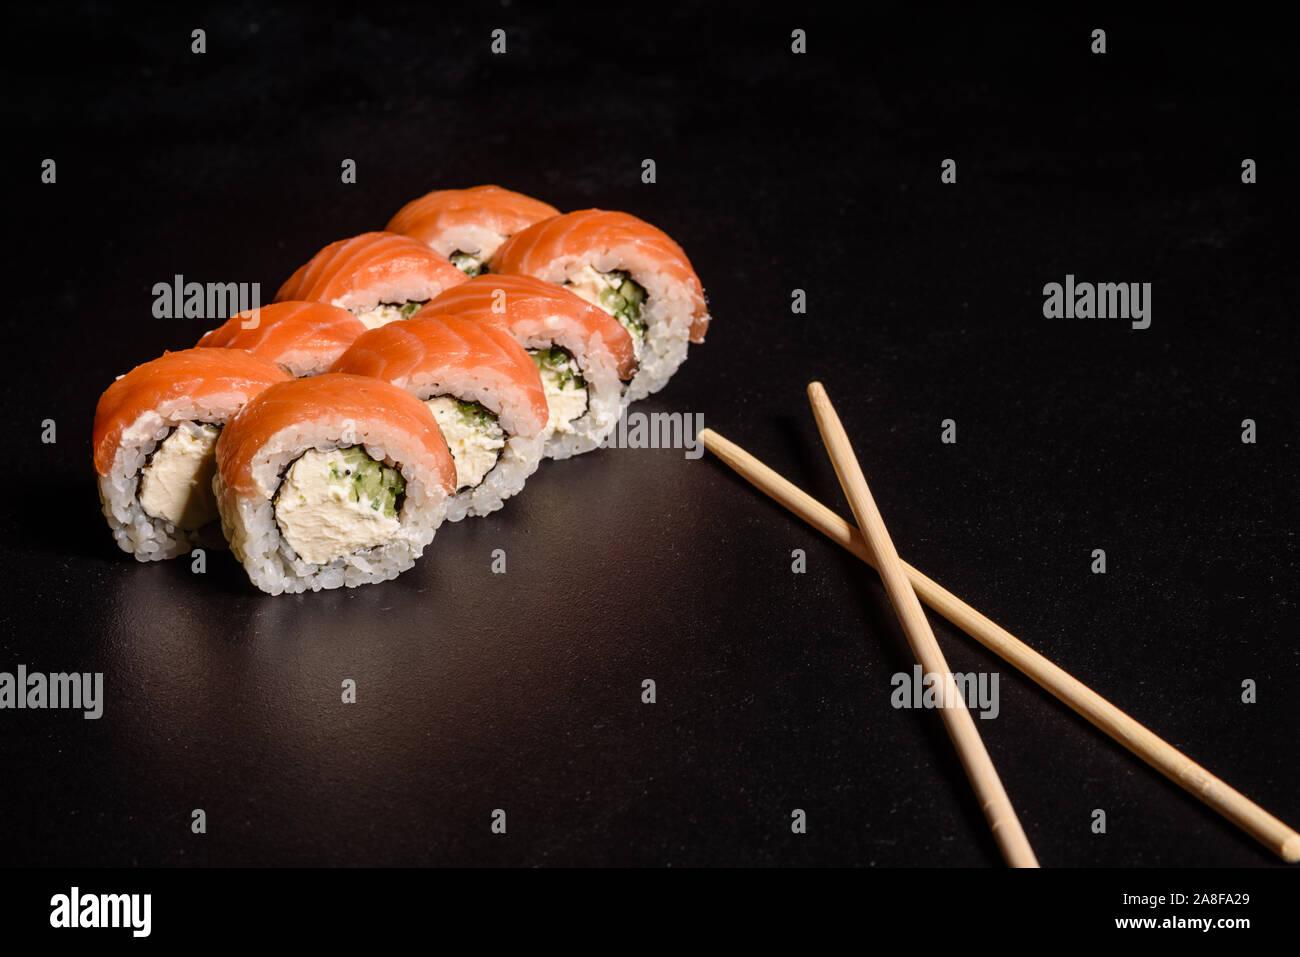 Différents types de sushis servis sur un fond sombre. Rouleau de saumon, avocat, concombre. Menu Sushi. La nourriture japonaise. Banque D'Images